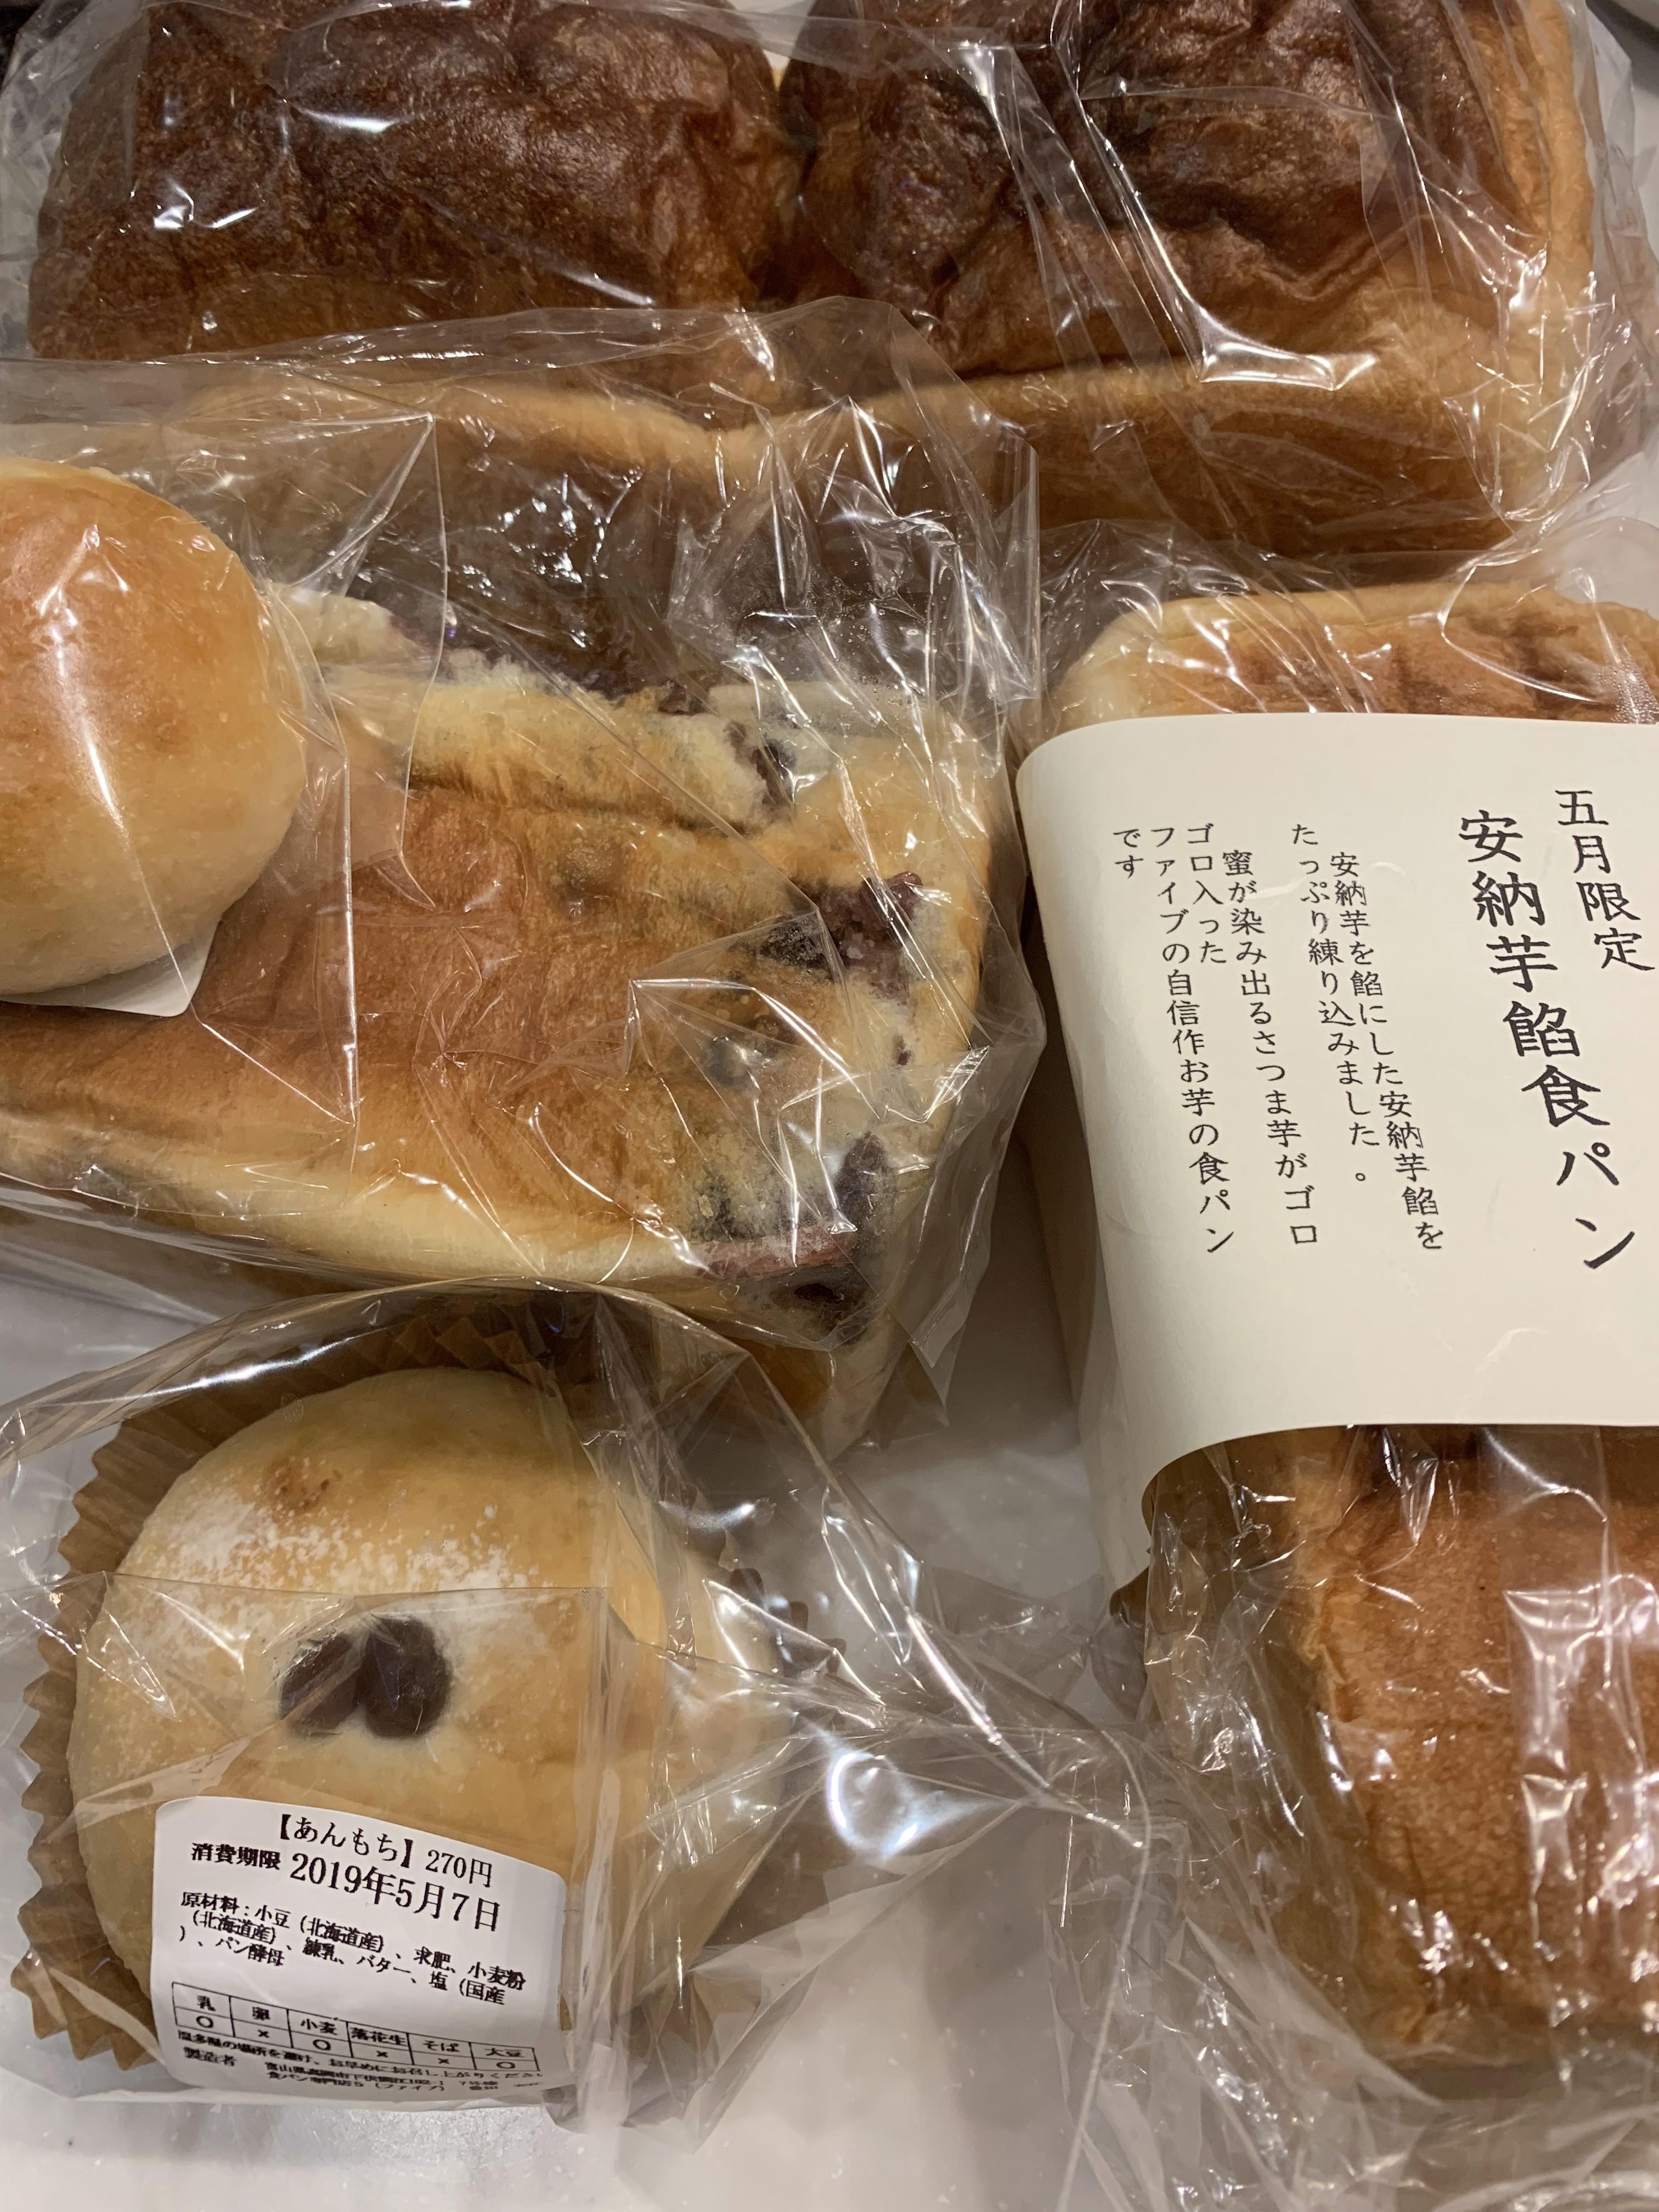 """富山県射水市の人気パン屋""""食パン専門店5(ファイブ)""""はおいしい?"""